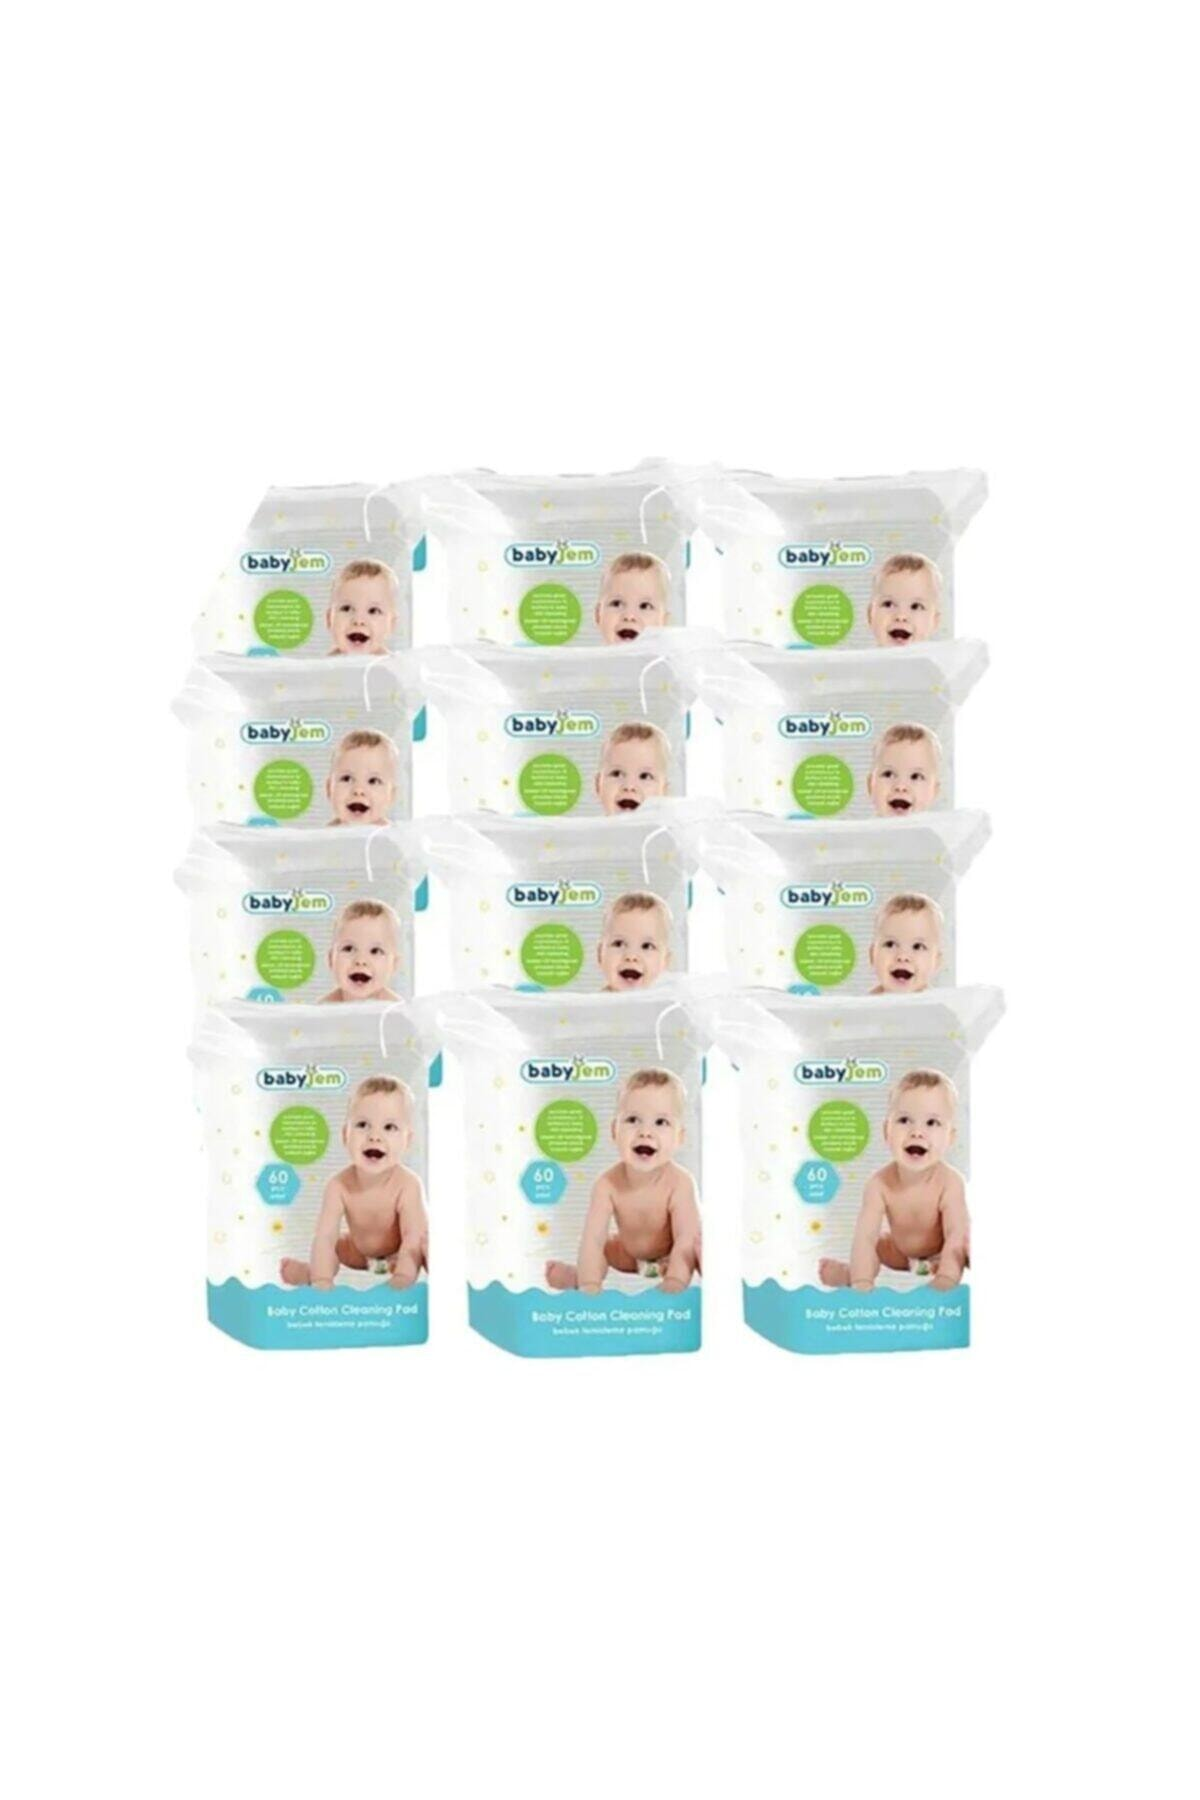 Babyjem Bebek Temizleme Pamuğu 60 Lı * 24 Pkt 2